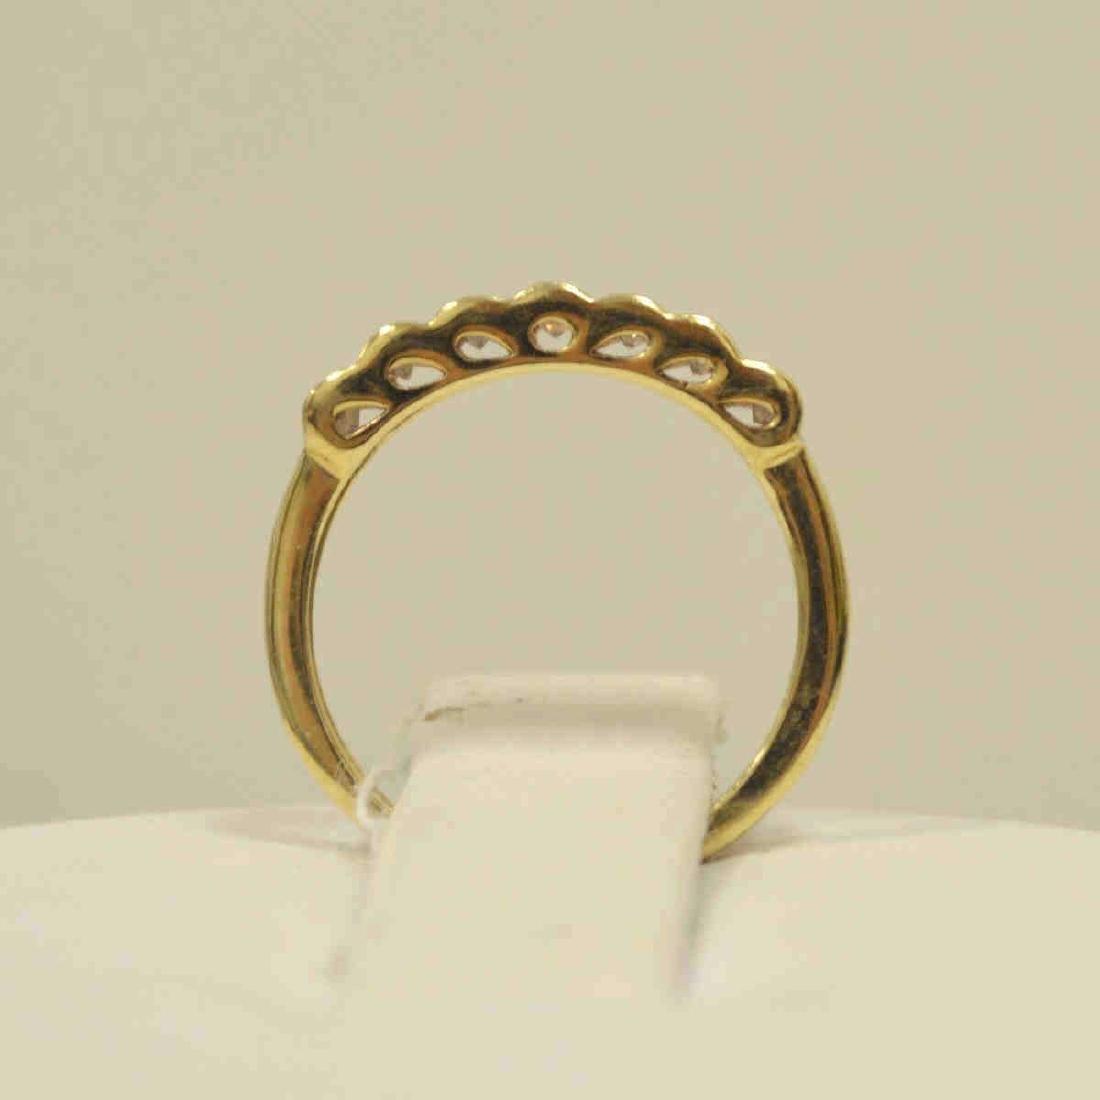 10kt yellow gold diamond band - 3